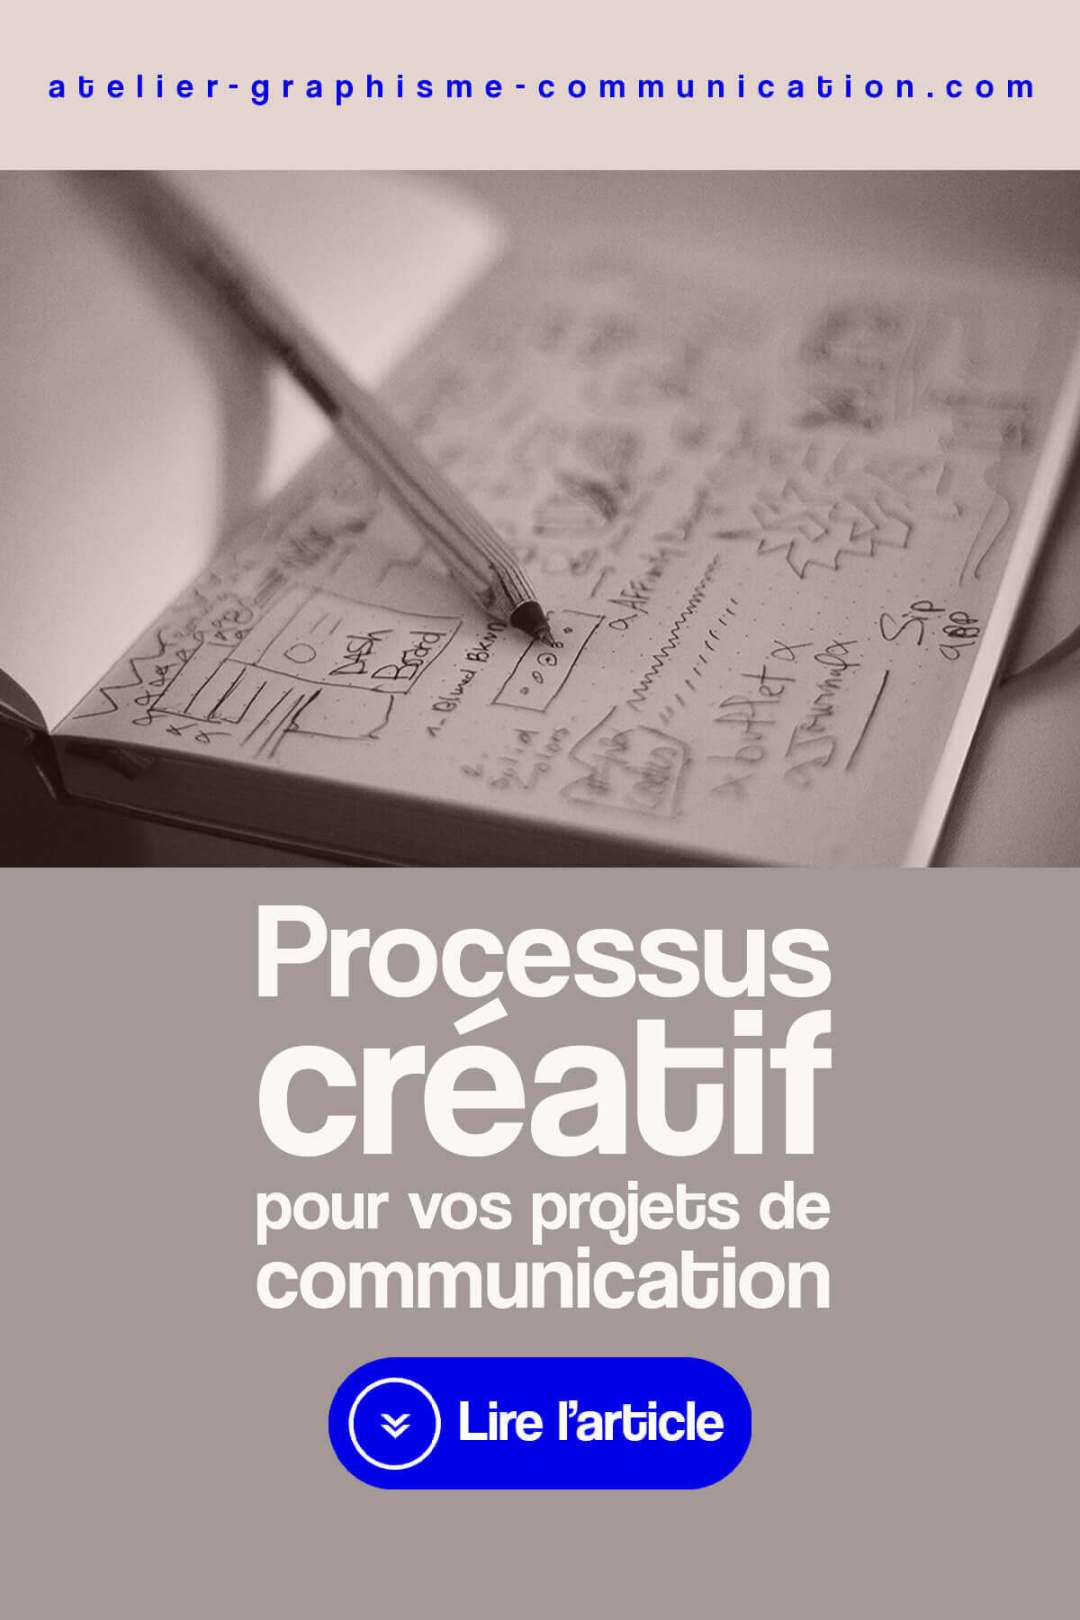 Processus créatif projet communication